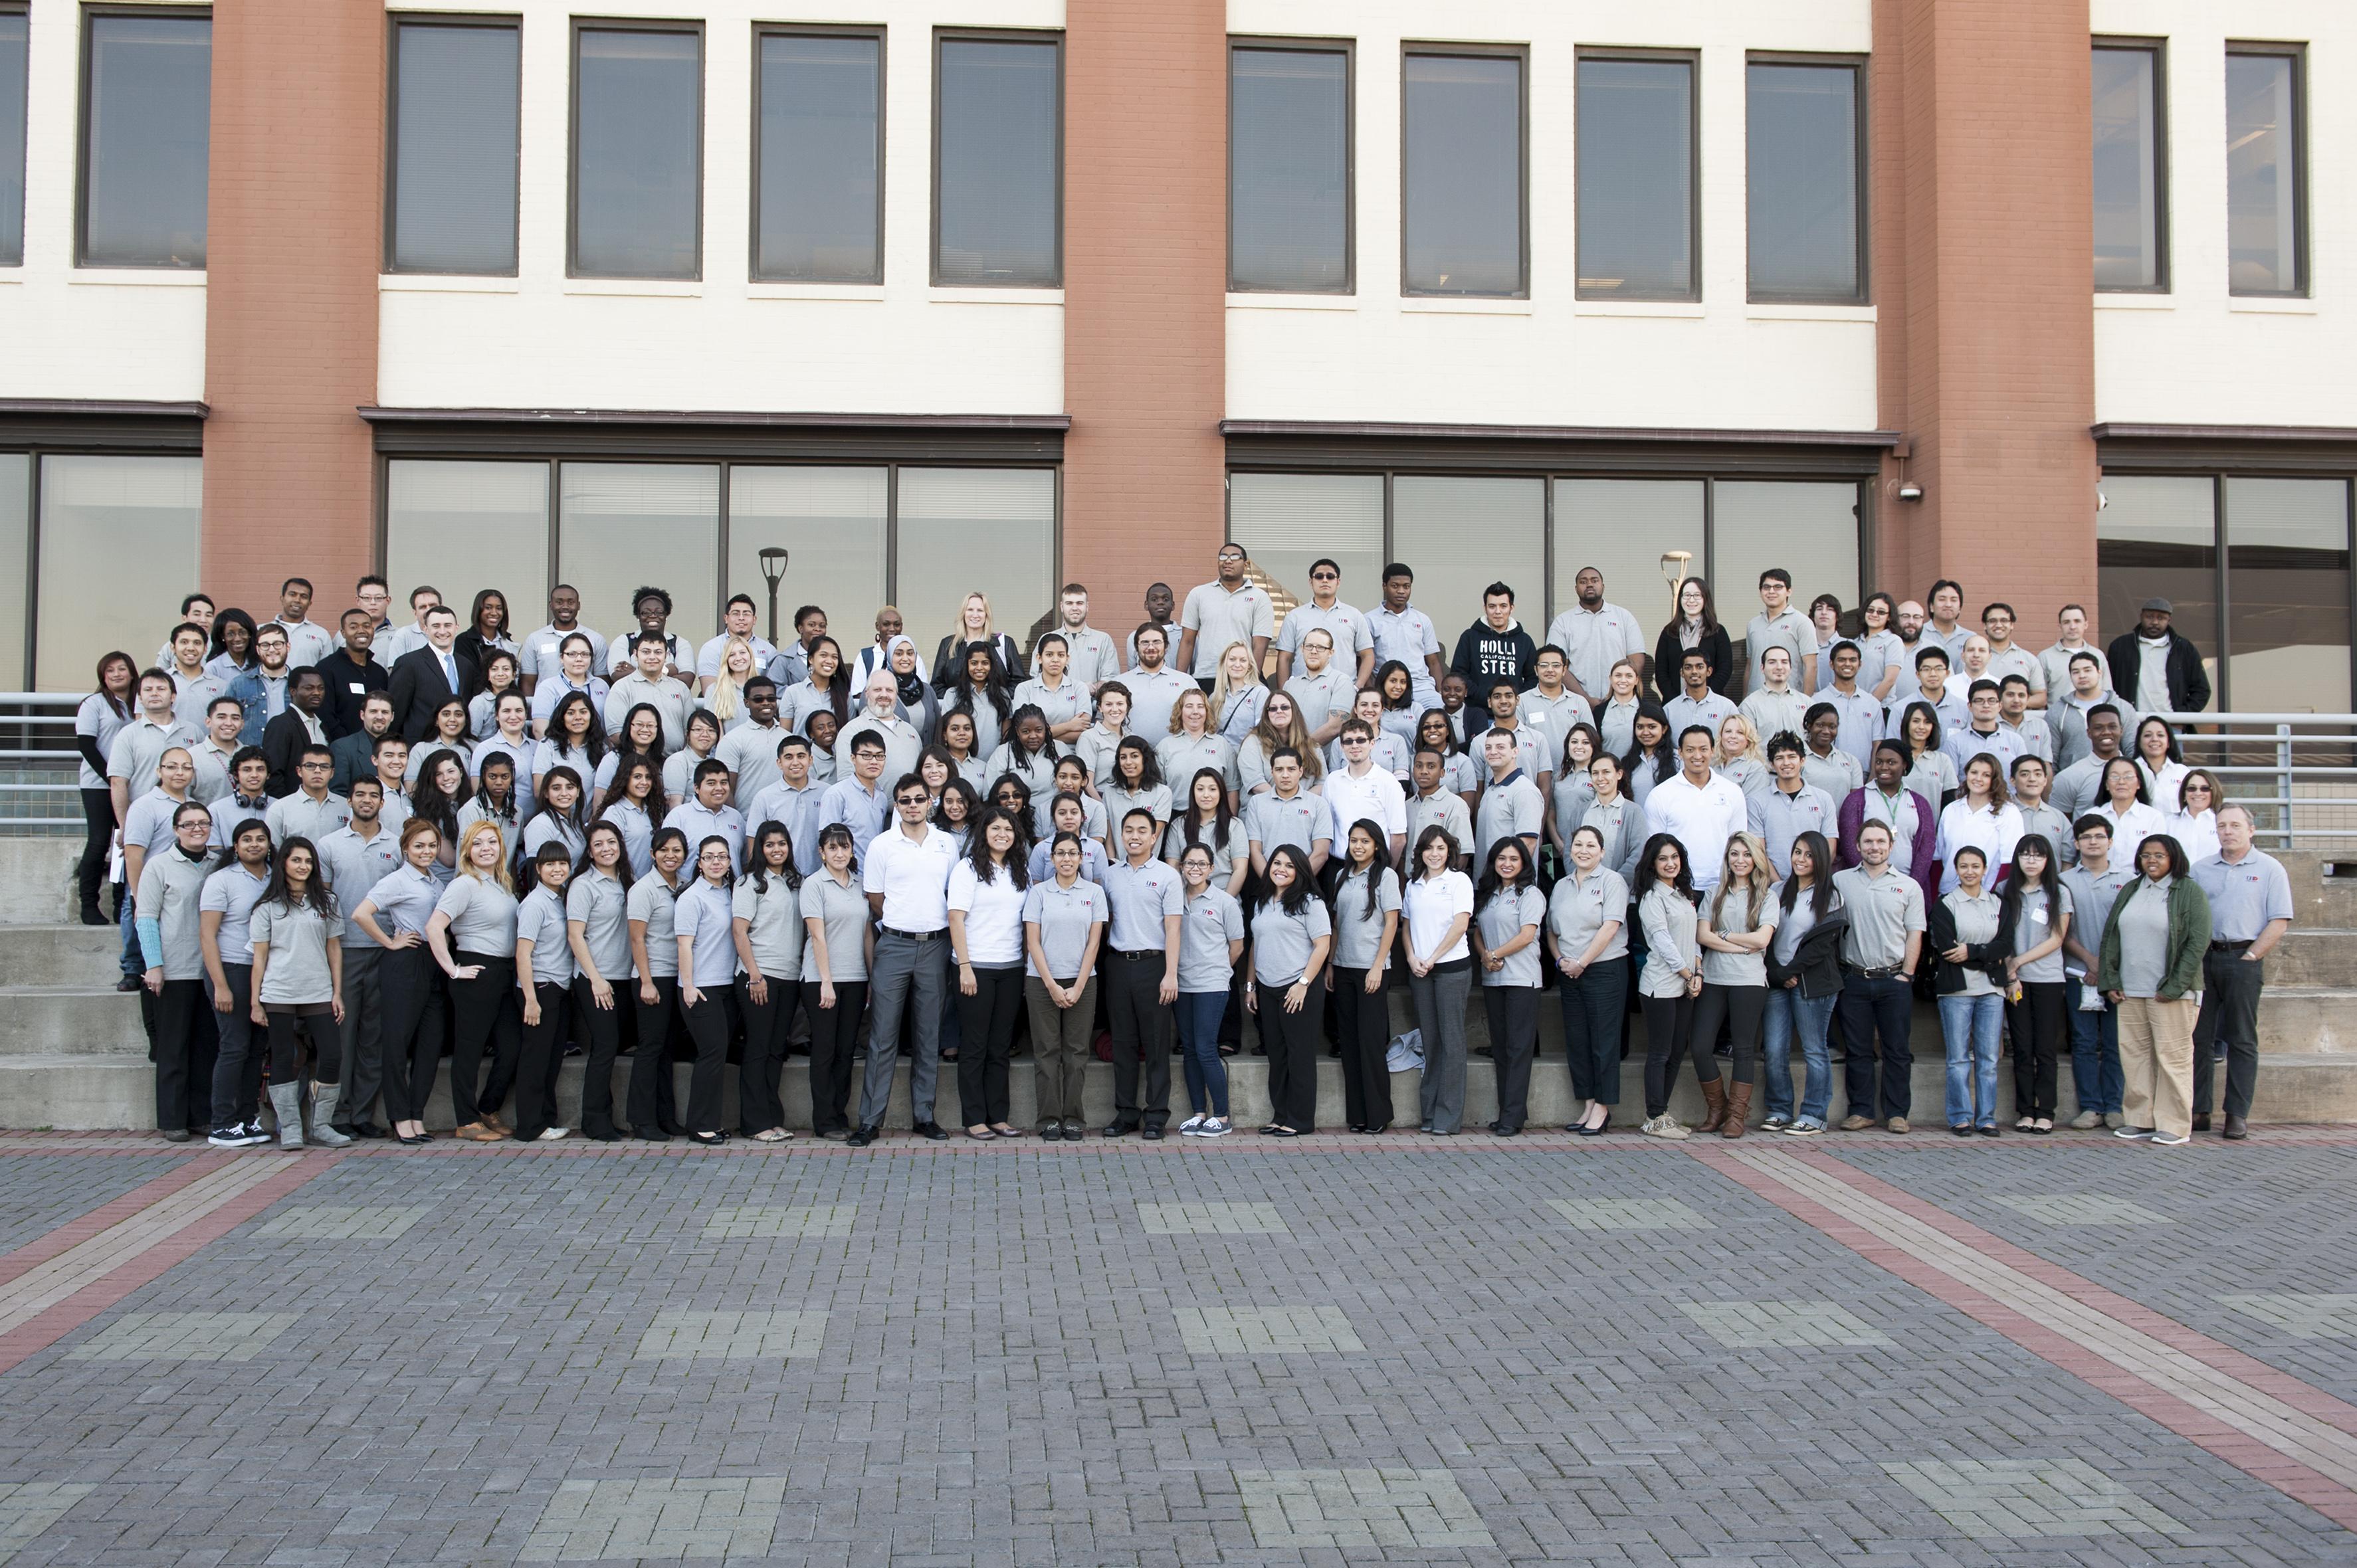 scholarsacademyorientation2013